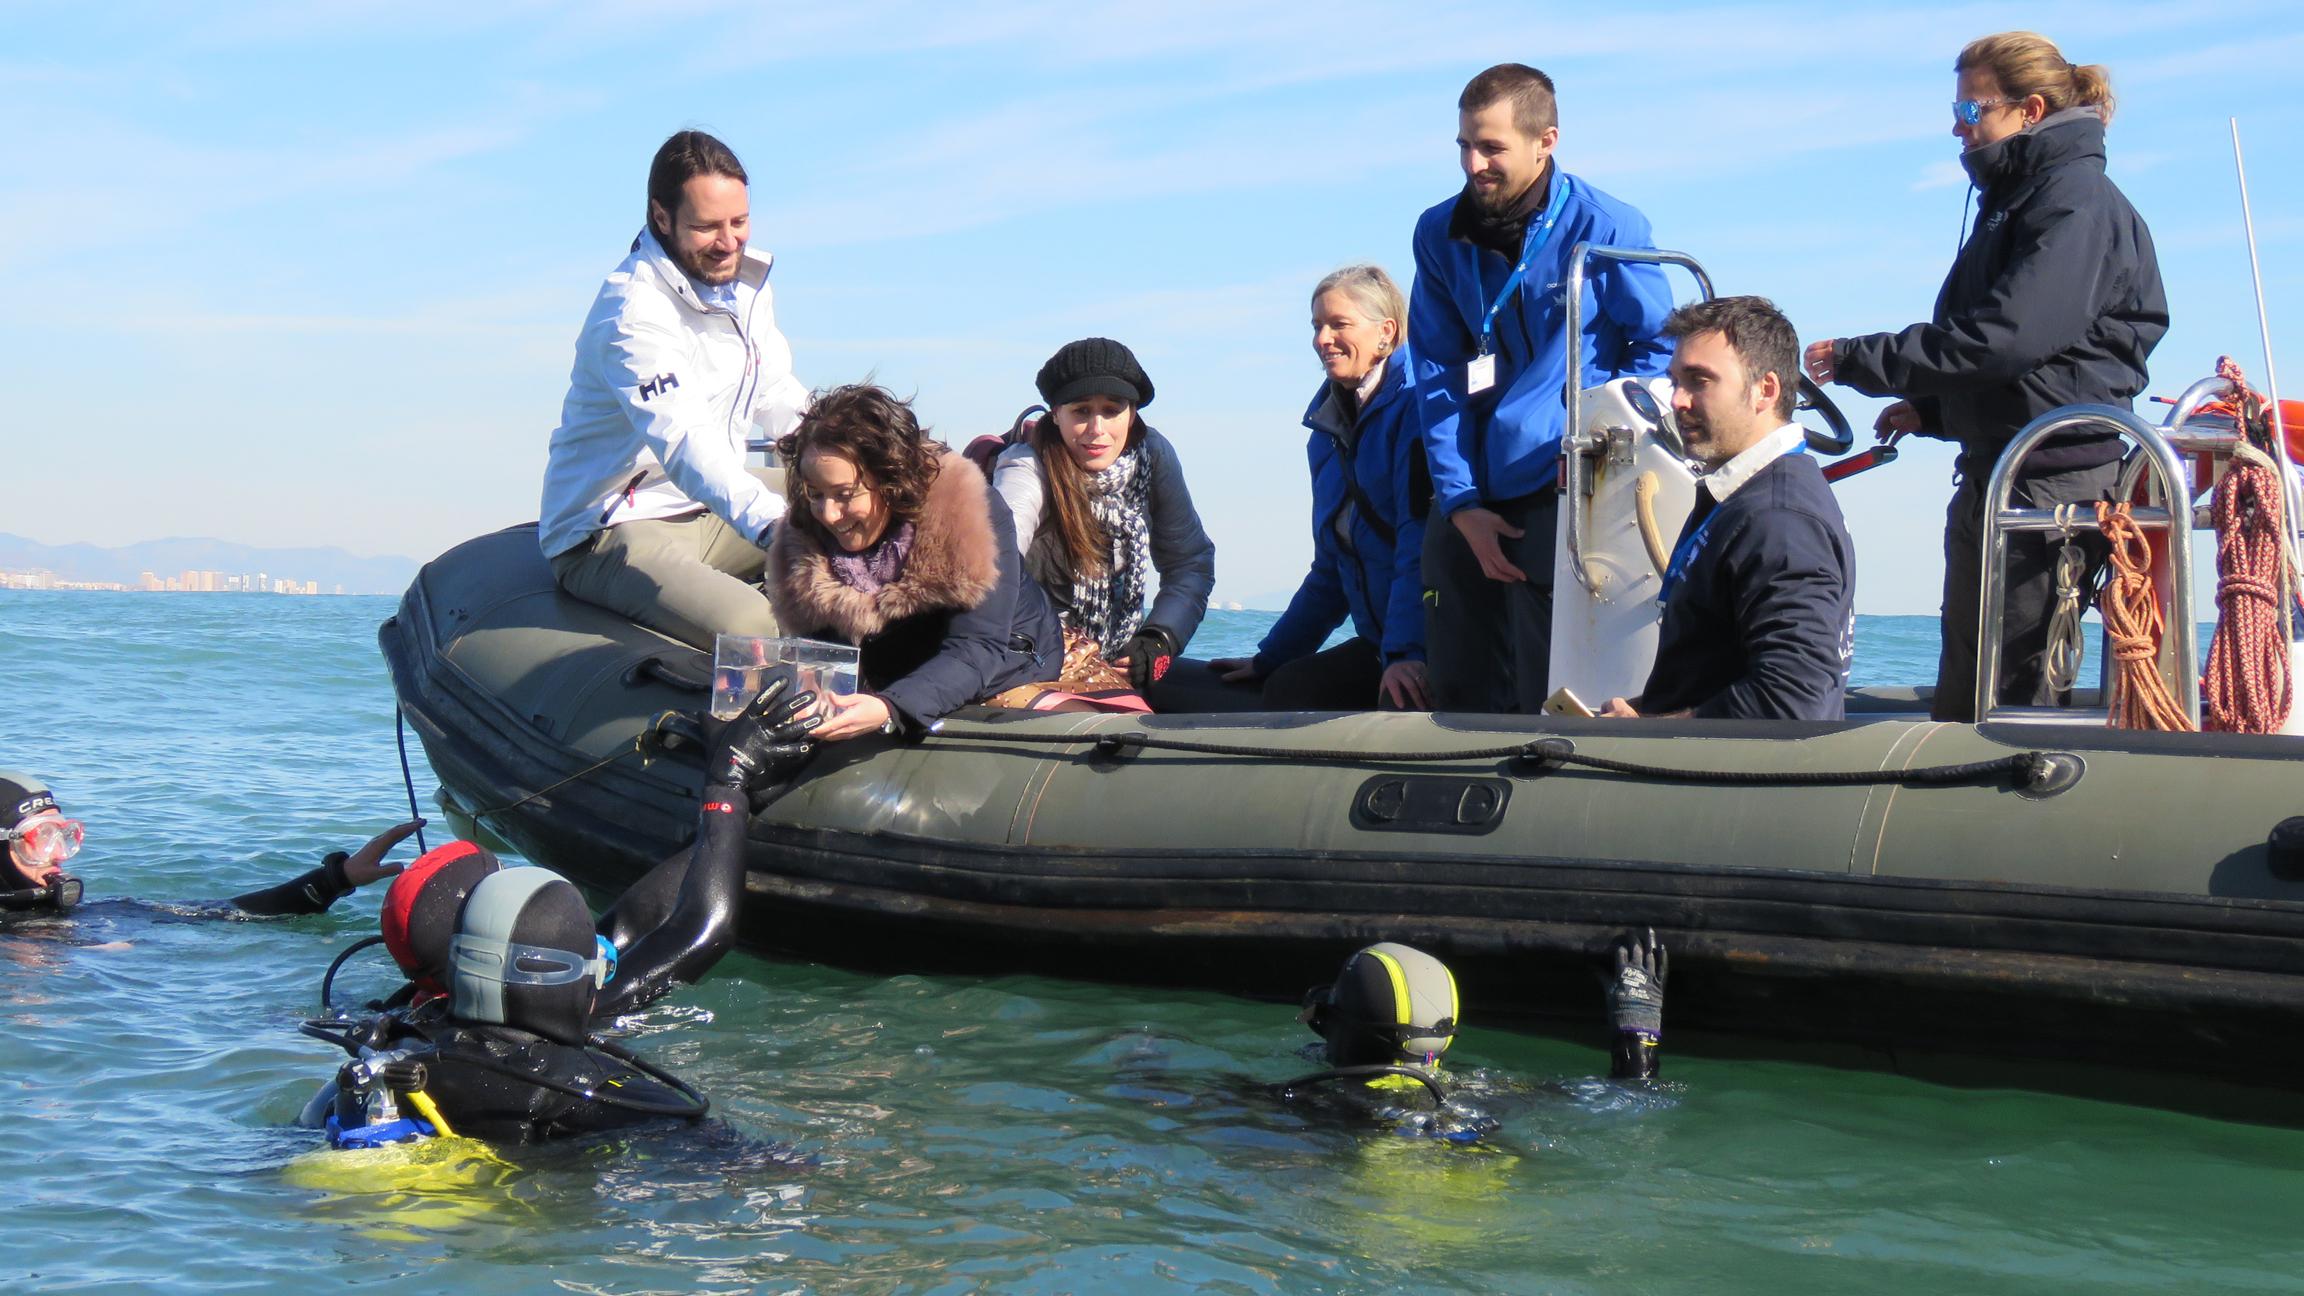 Entrega de pintarrojas por parte de Gloria Tello, concejala de Bienestar Animal, a los buzos. Imagen: Oceanográfic